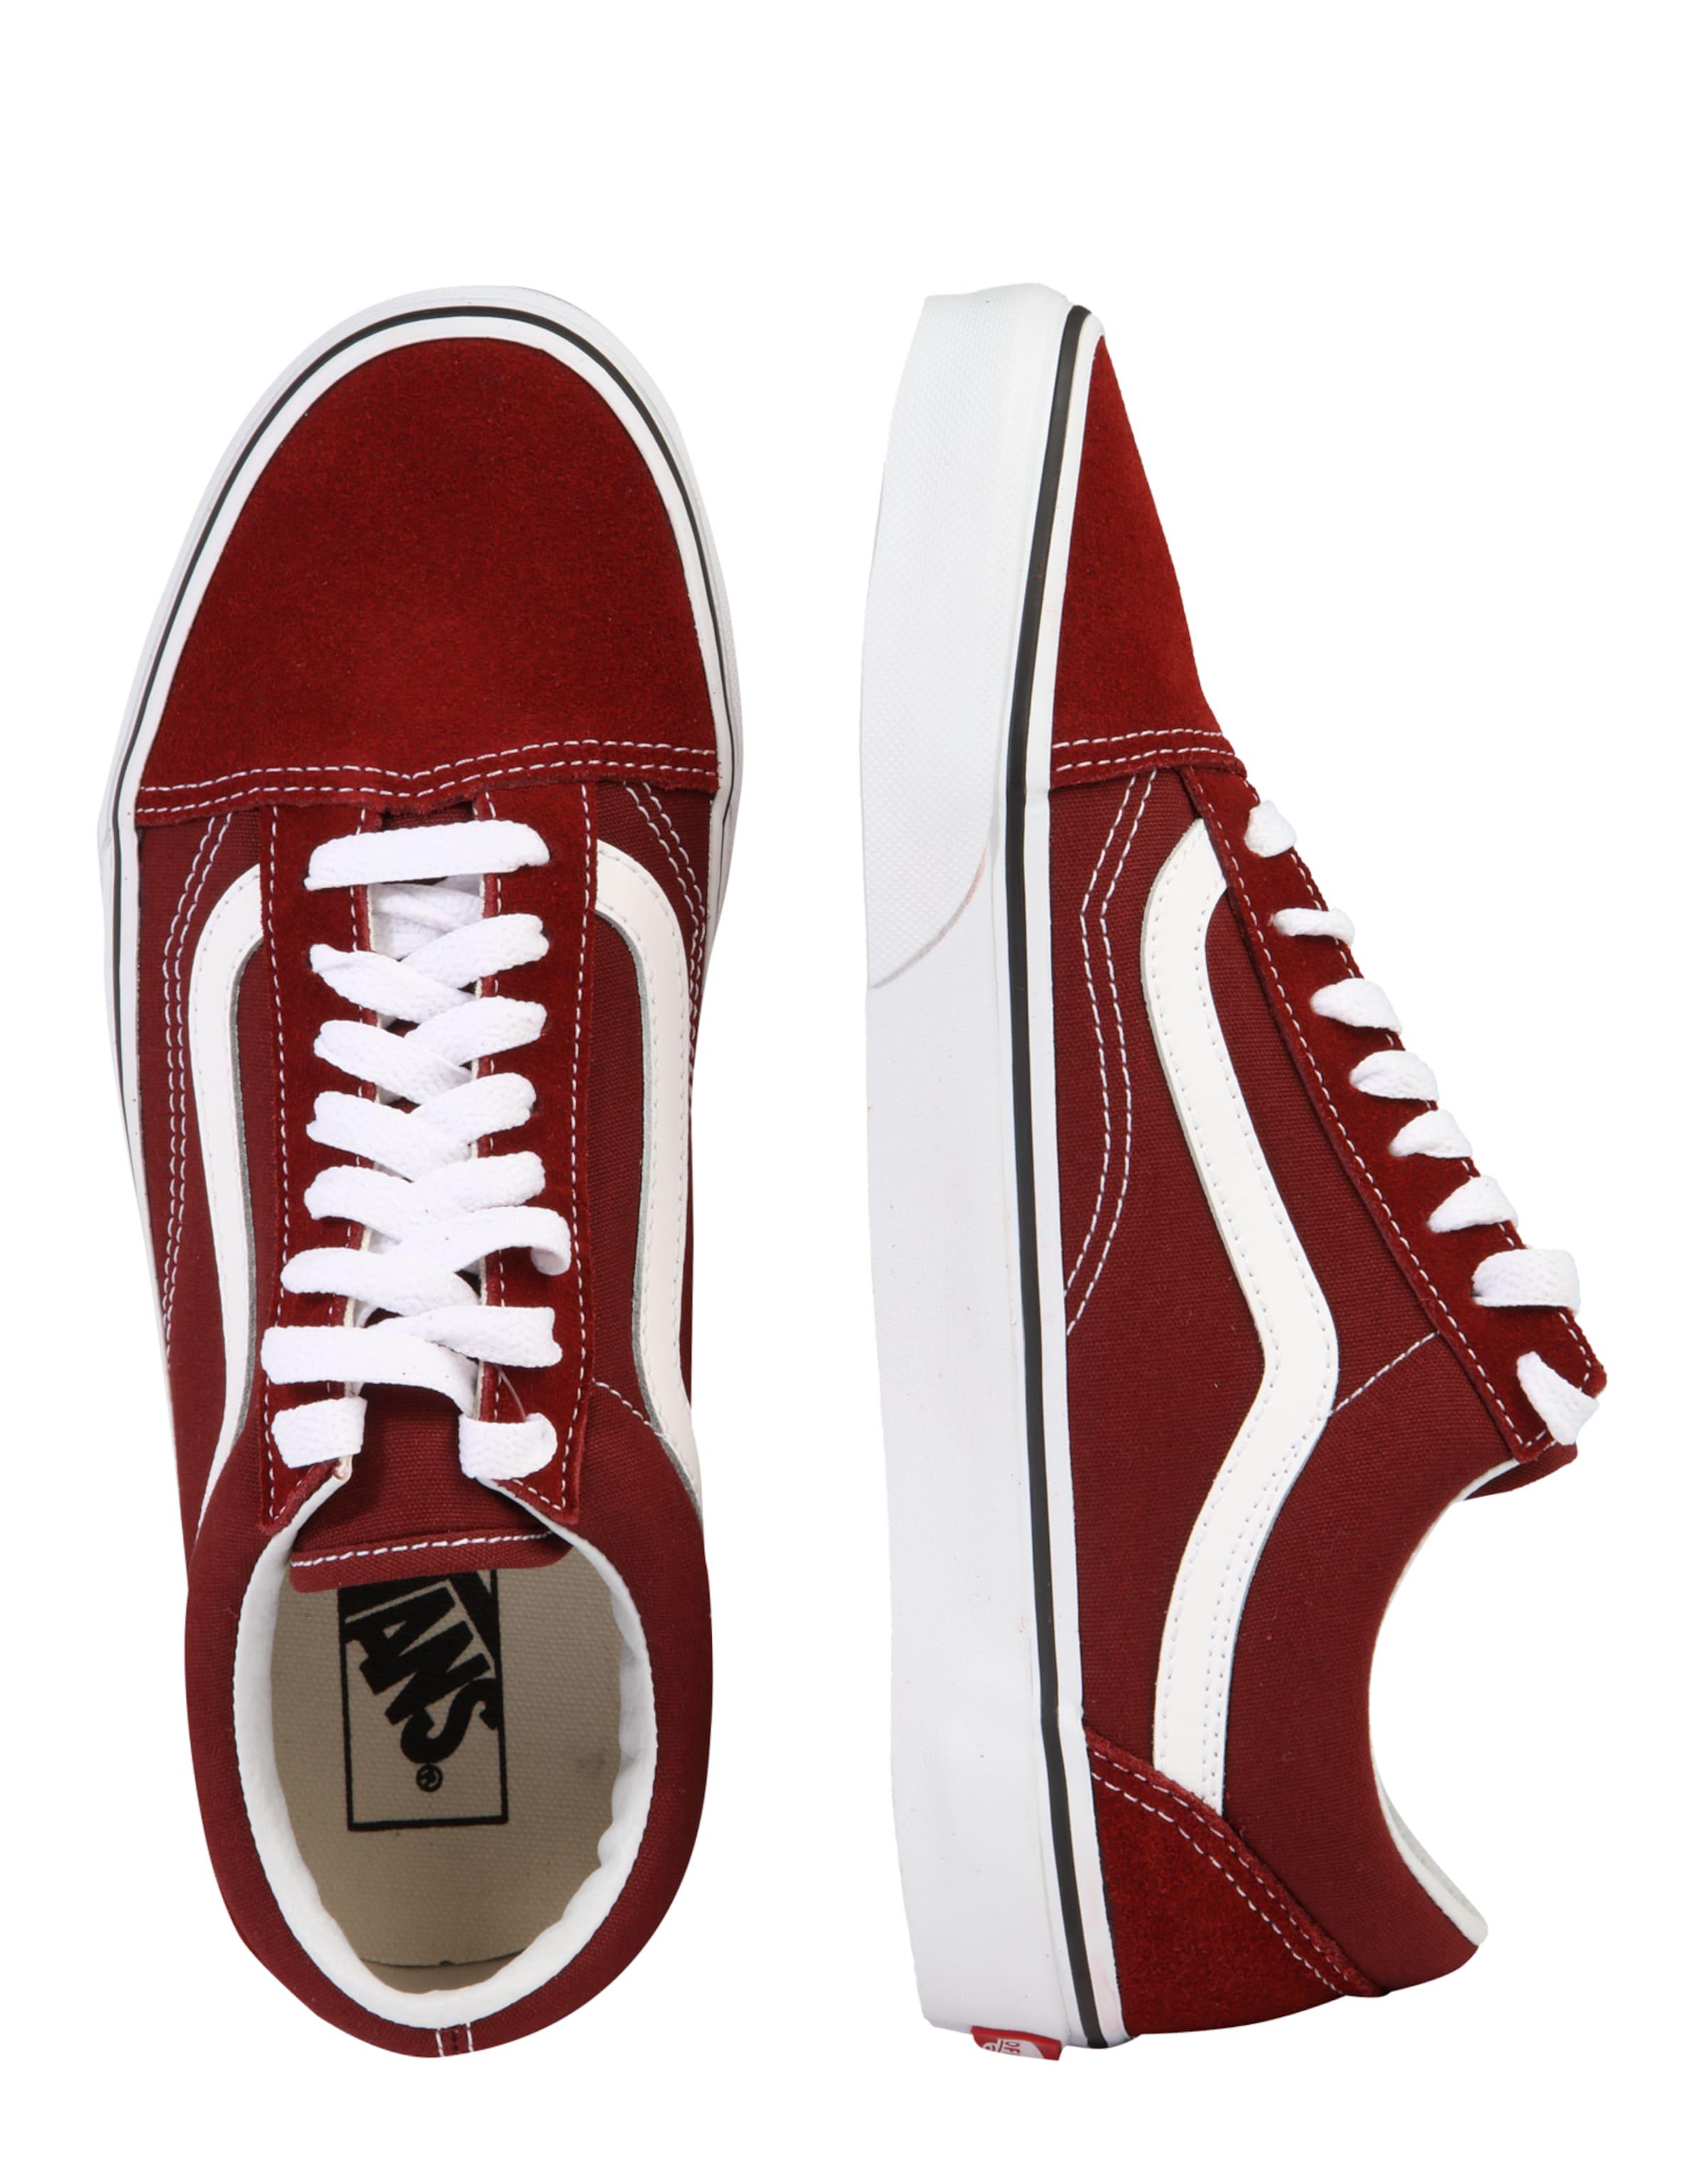 Verkaufsschlager VANS Sneaker 'Old Skool Unisex' Bestseller Freies Verschiffen Besuch Billig Original Freies Verschiffen Große Diskont iYadWFPSg